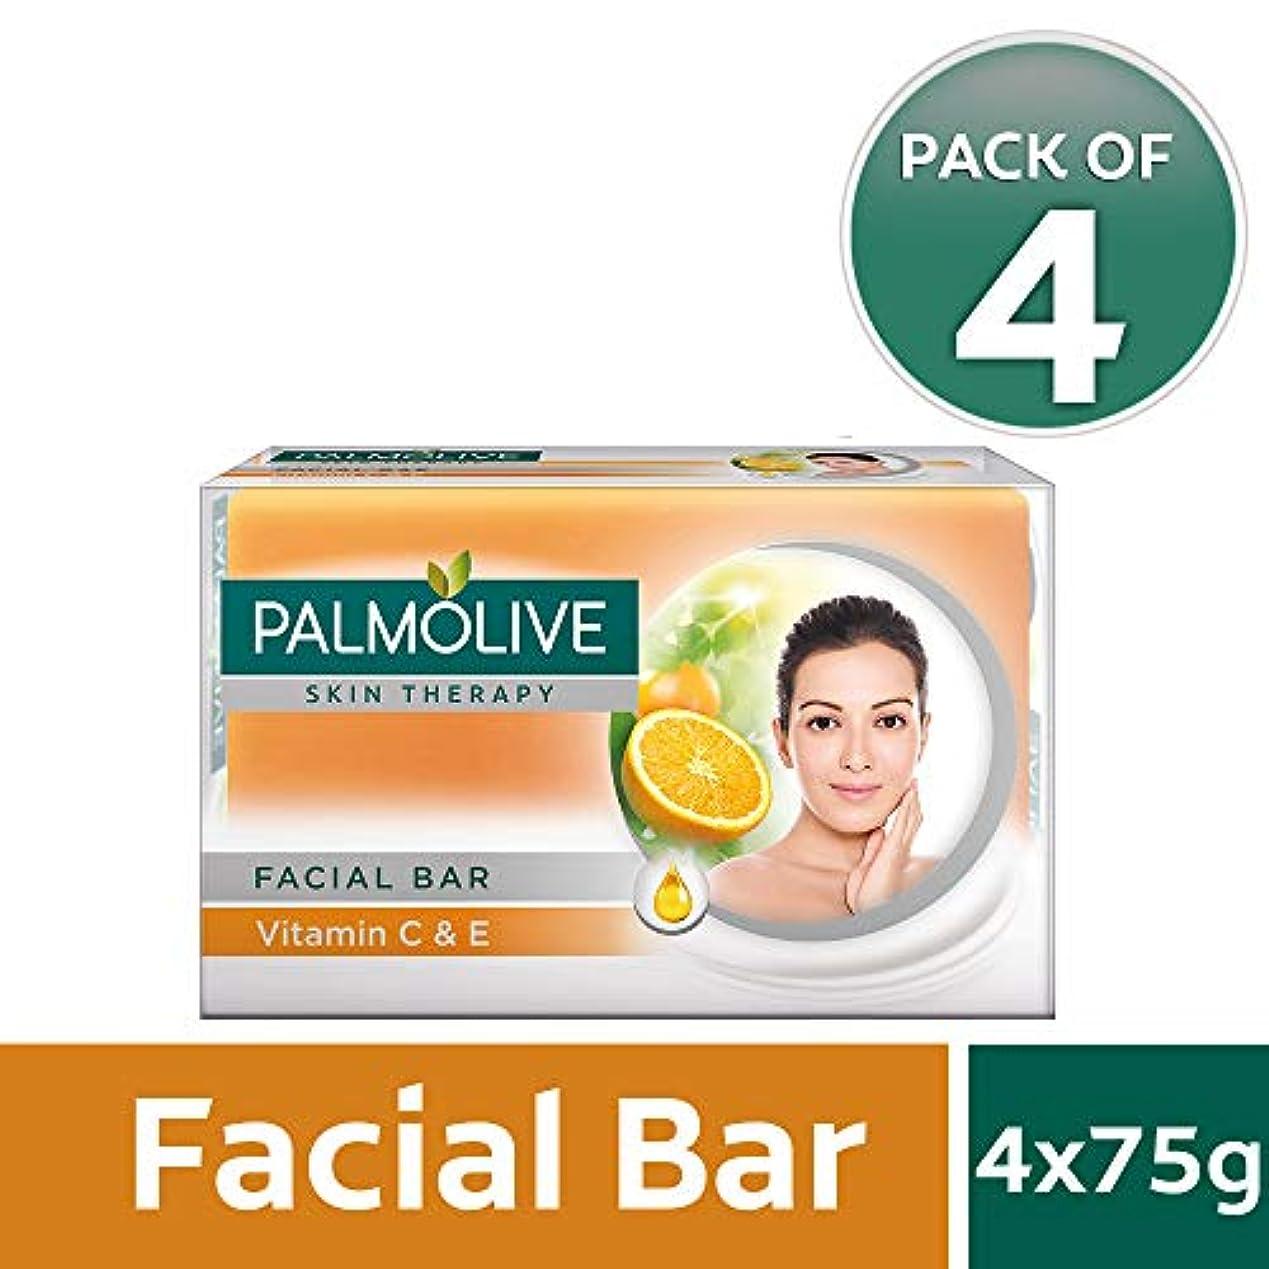 ワゴン懲戒落ち着かないPalmolive Skin Therapy Facial Bar Soap with Vitamin C and E - 75g (Pack of 4)